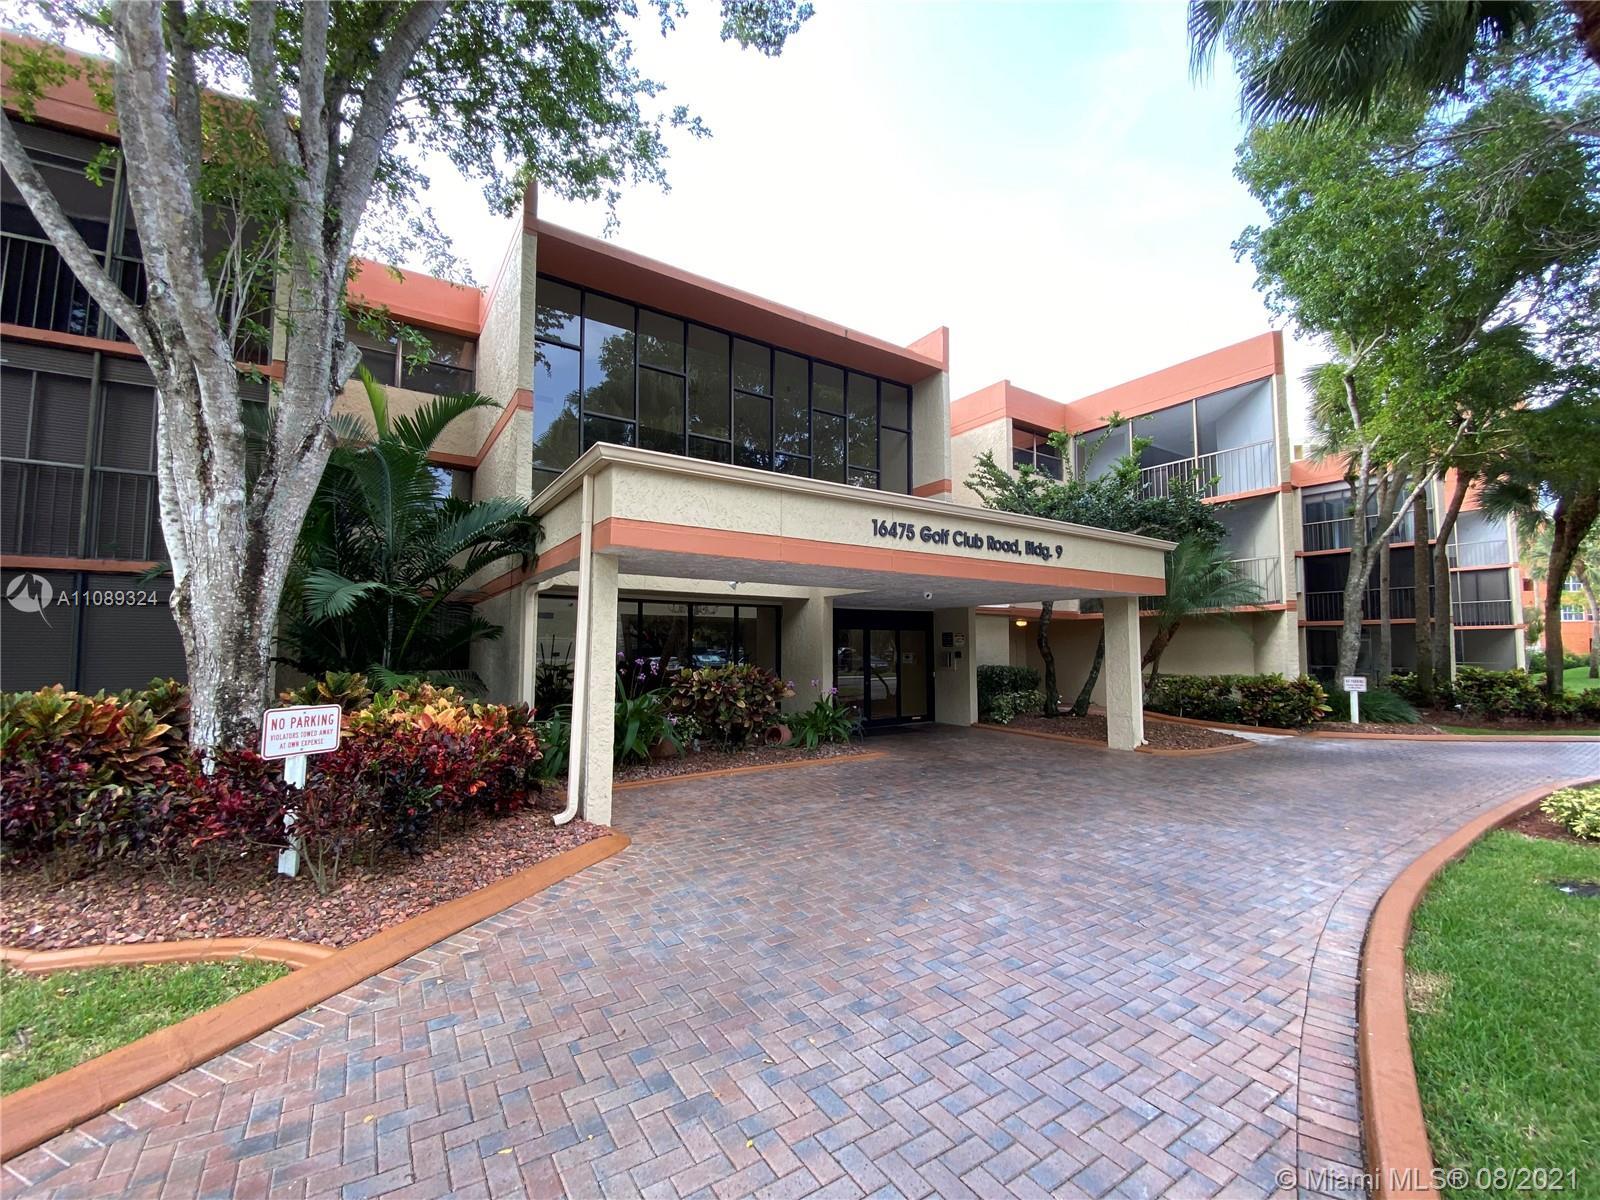 16475  Golf Club Rd #108 For Sale A11089324, FL